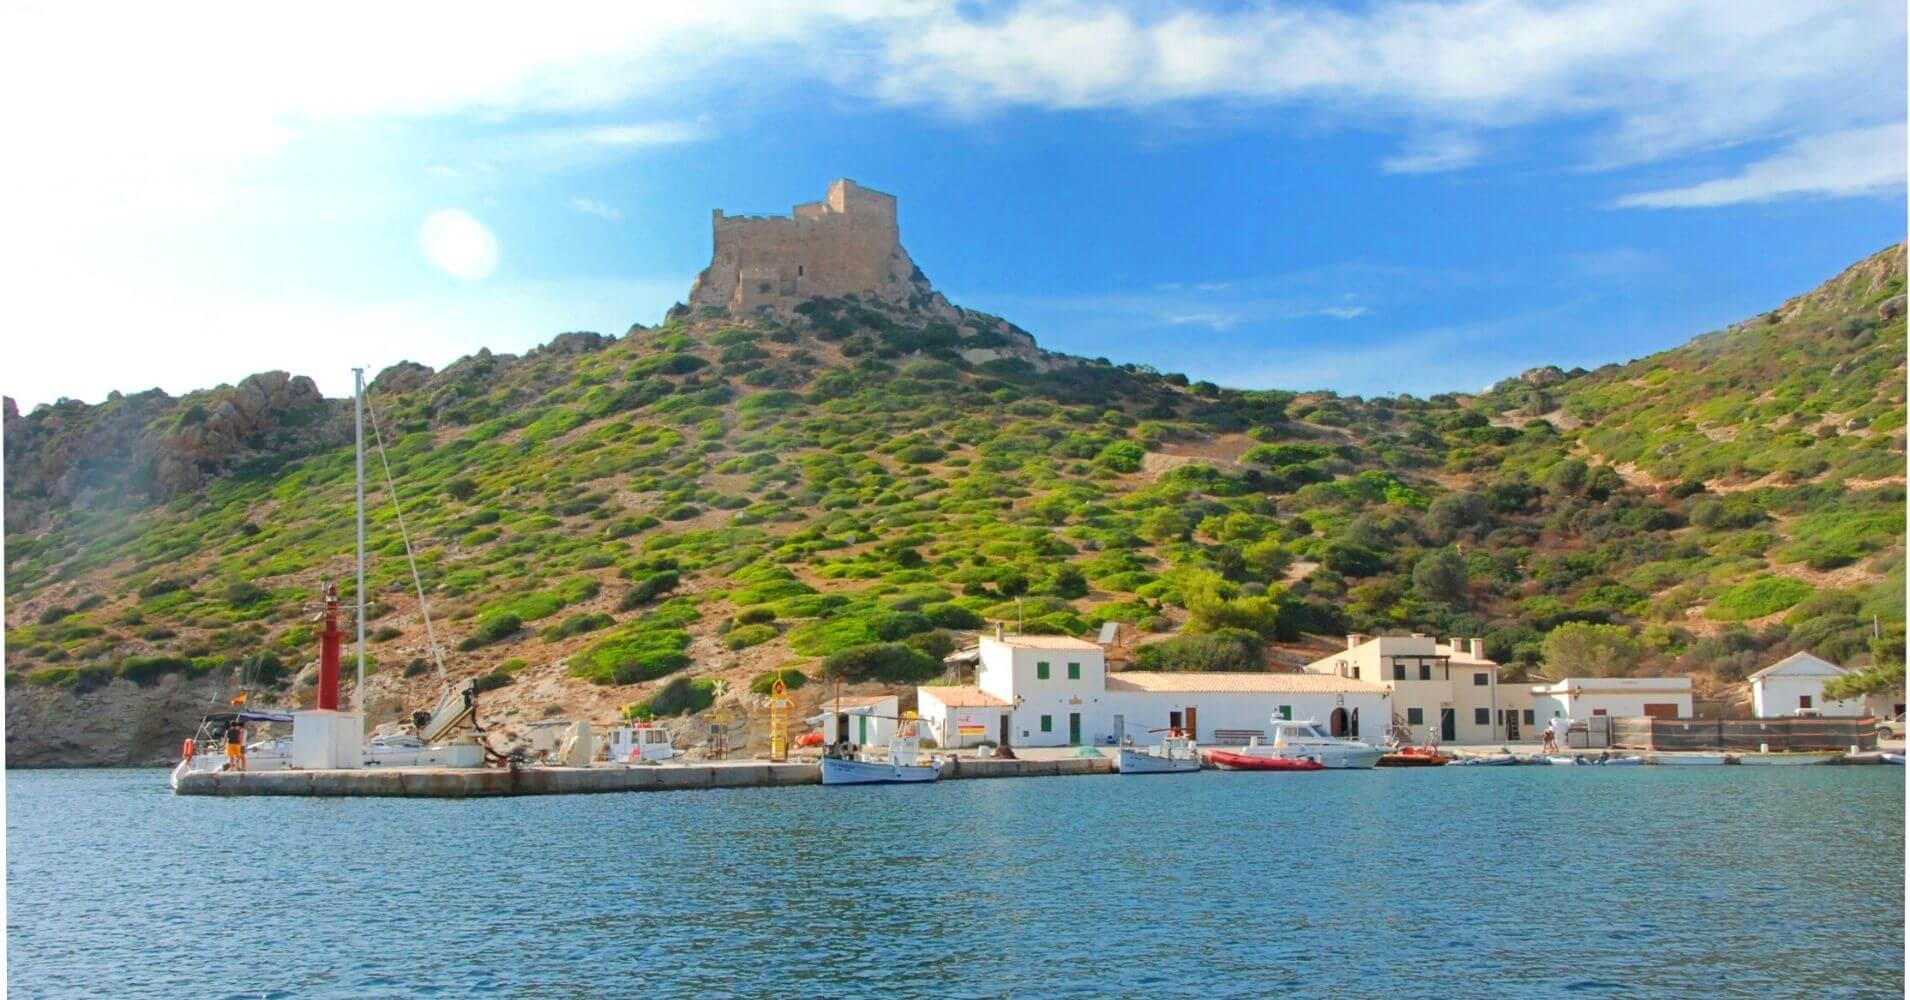 Isla de la Cabrera y Castillo de Cabrera. Islas Baleares.